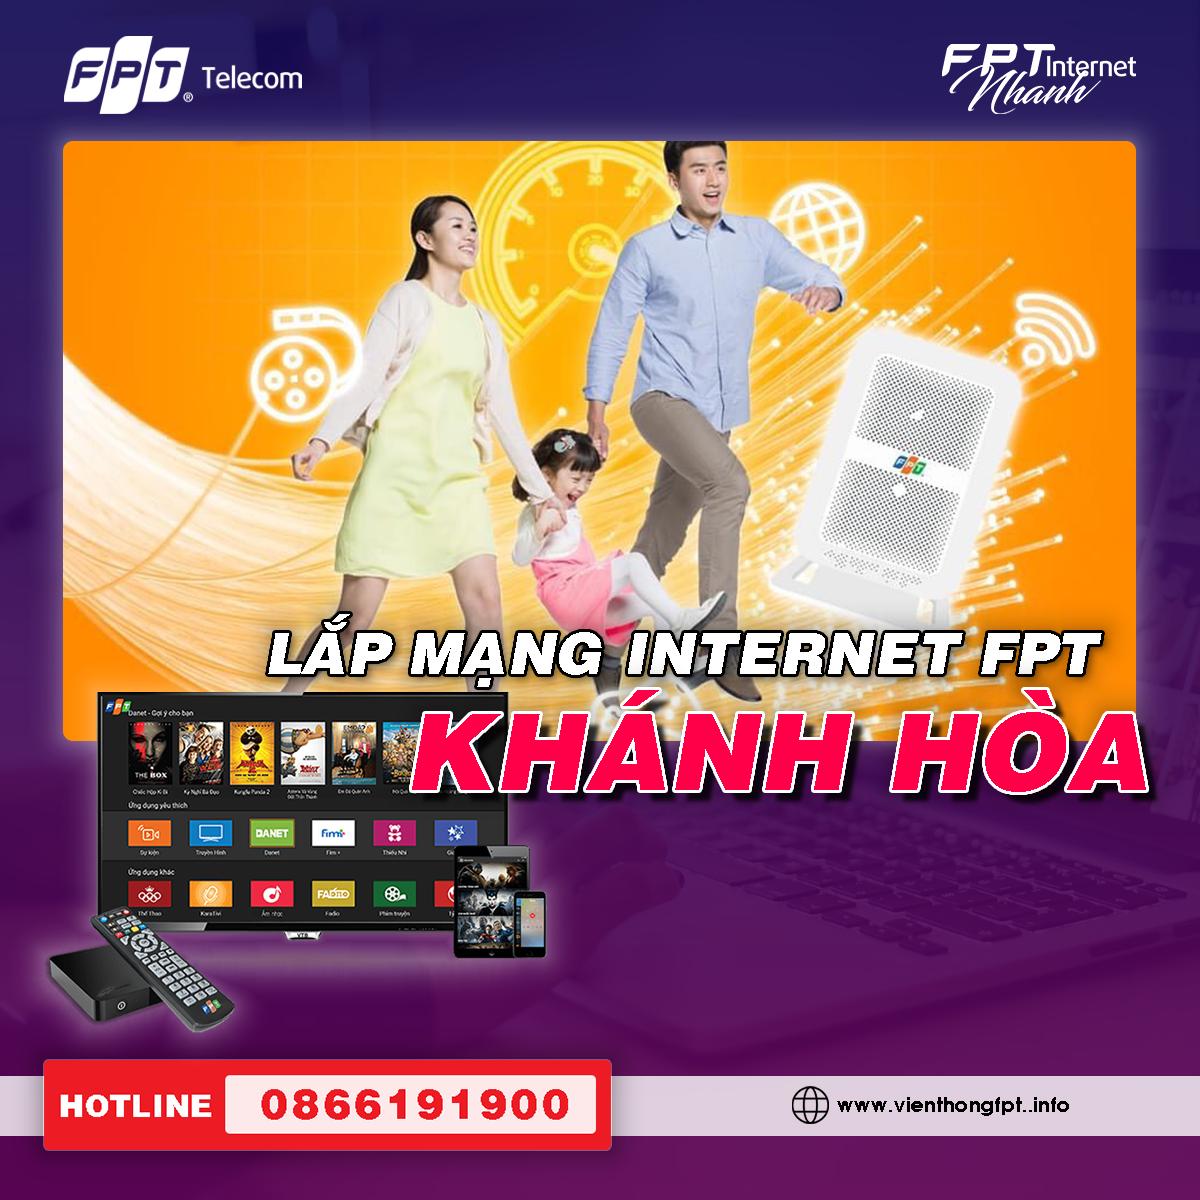 Đăng ký Internet FPT Khánh Hòa - Miễn phí lắp đặt - Tặng 2 tháng cước